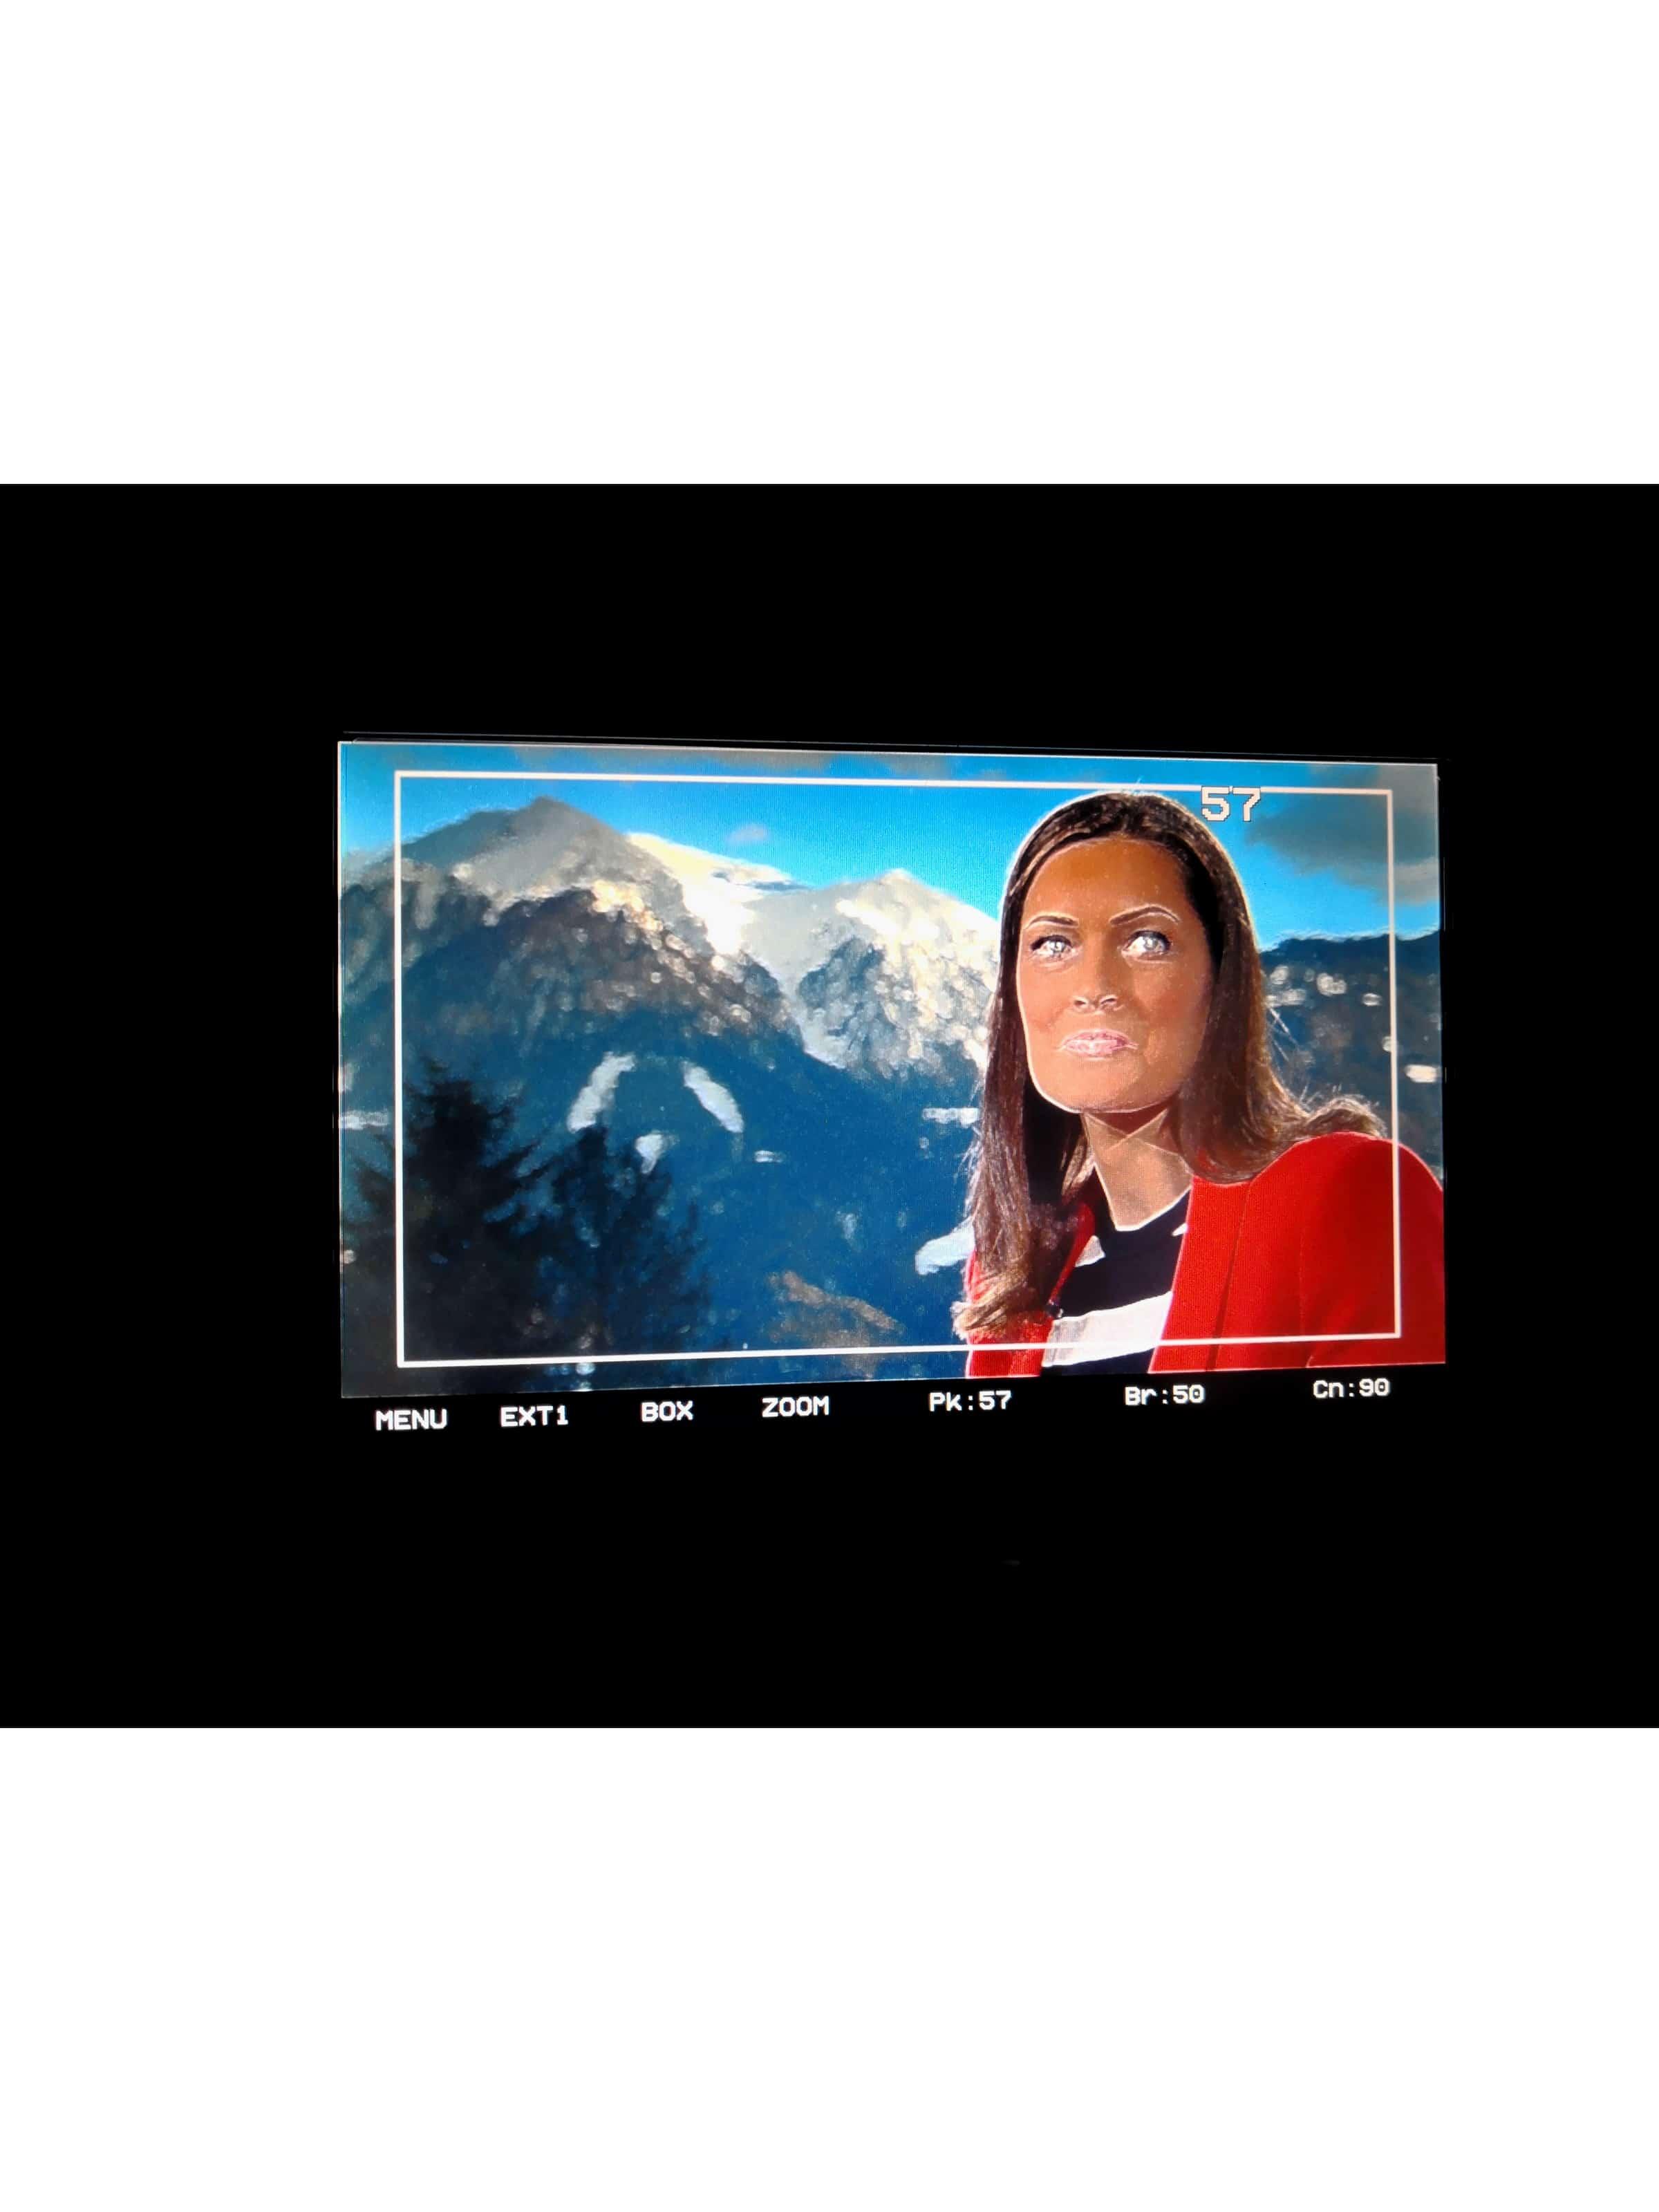 andreas felder kameramann ORF Guten Morgen Österreich ORF Daheim in Österreich 15 23.03.2018 17 31 32 - ORF Unterwegs in Österreich